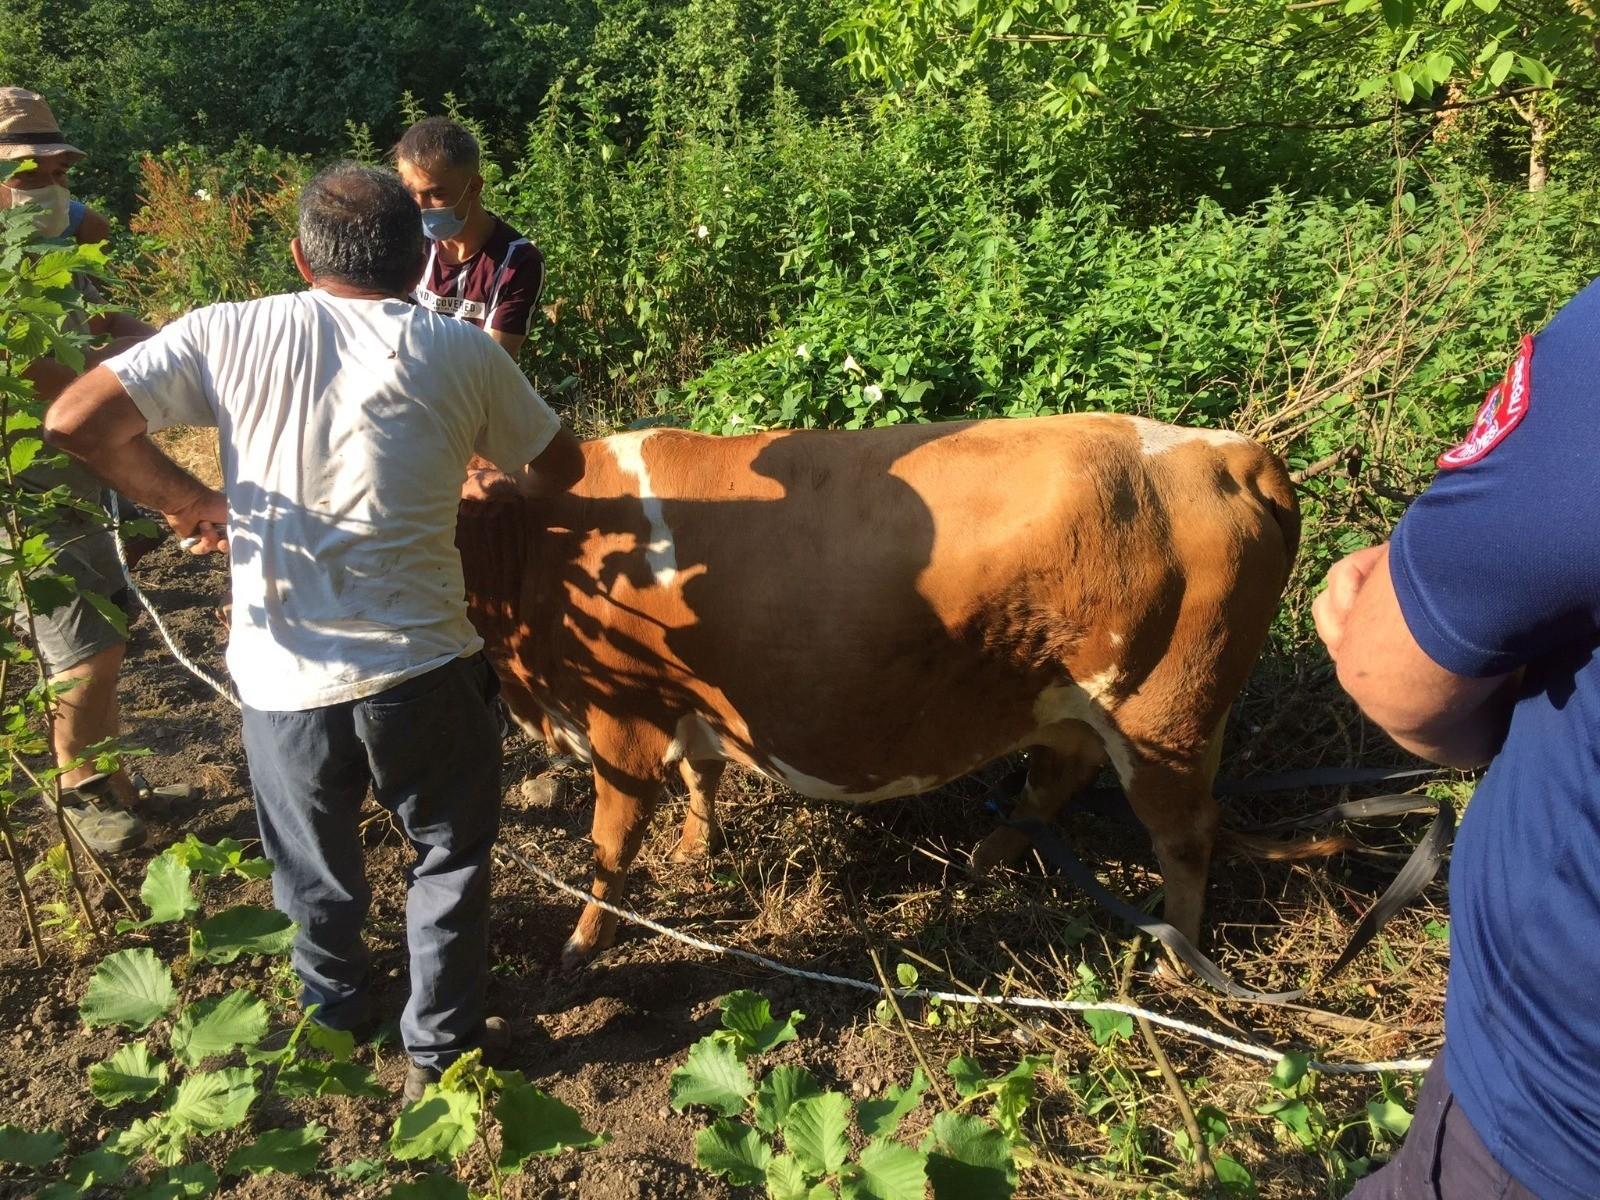 Ağacın arasına sıkışan inek itfaiye ekiplerince kurtarıldı